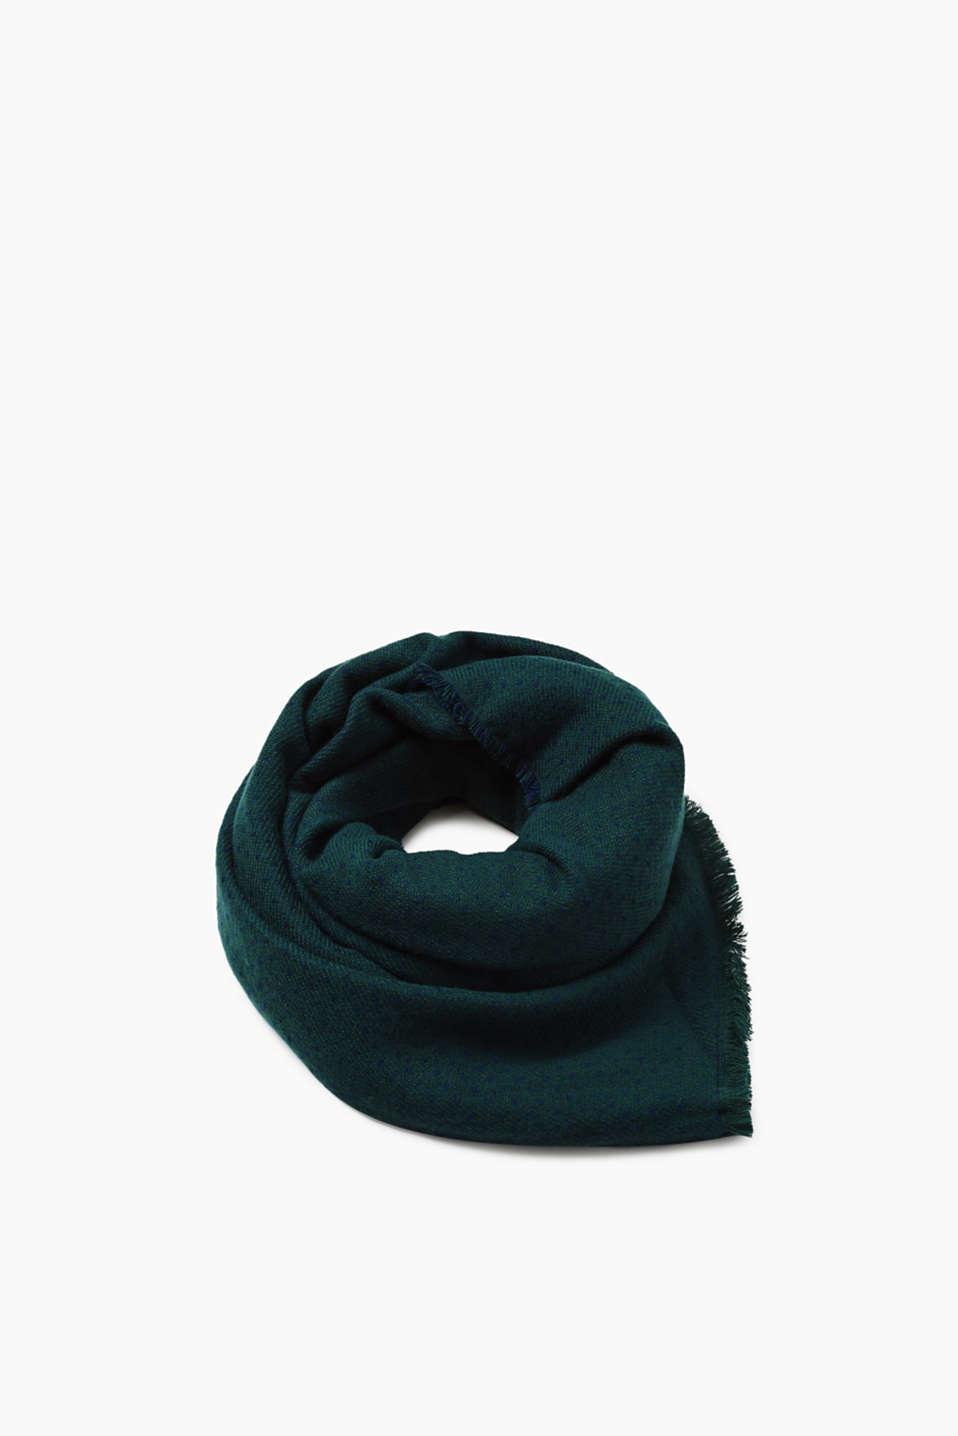 Cette écharpe double face ultra-douce à pois de différentes tailles a deux  bons côtés 8d1b1a0930d